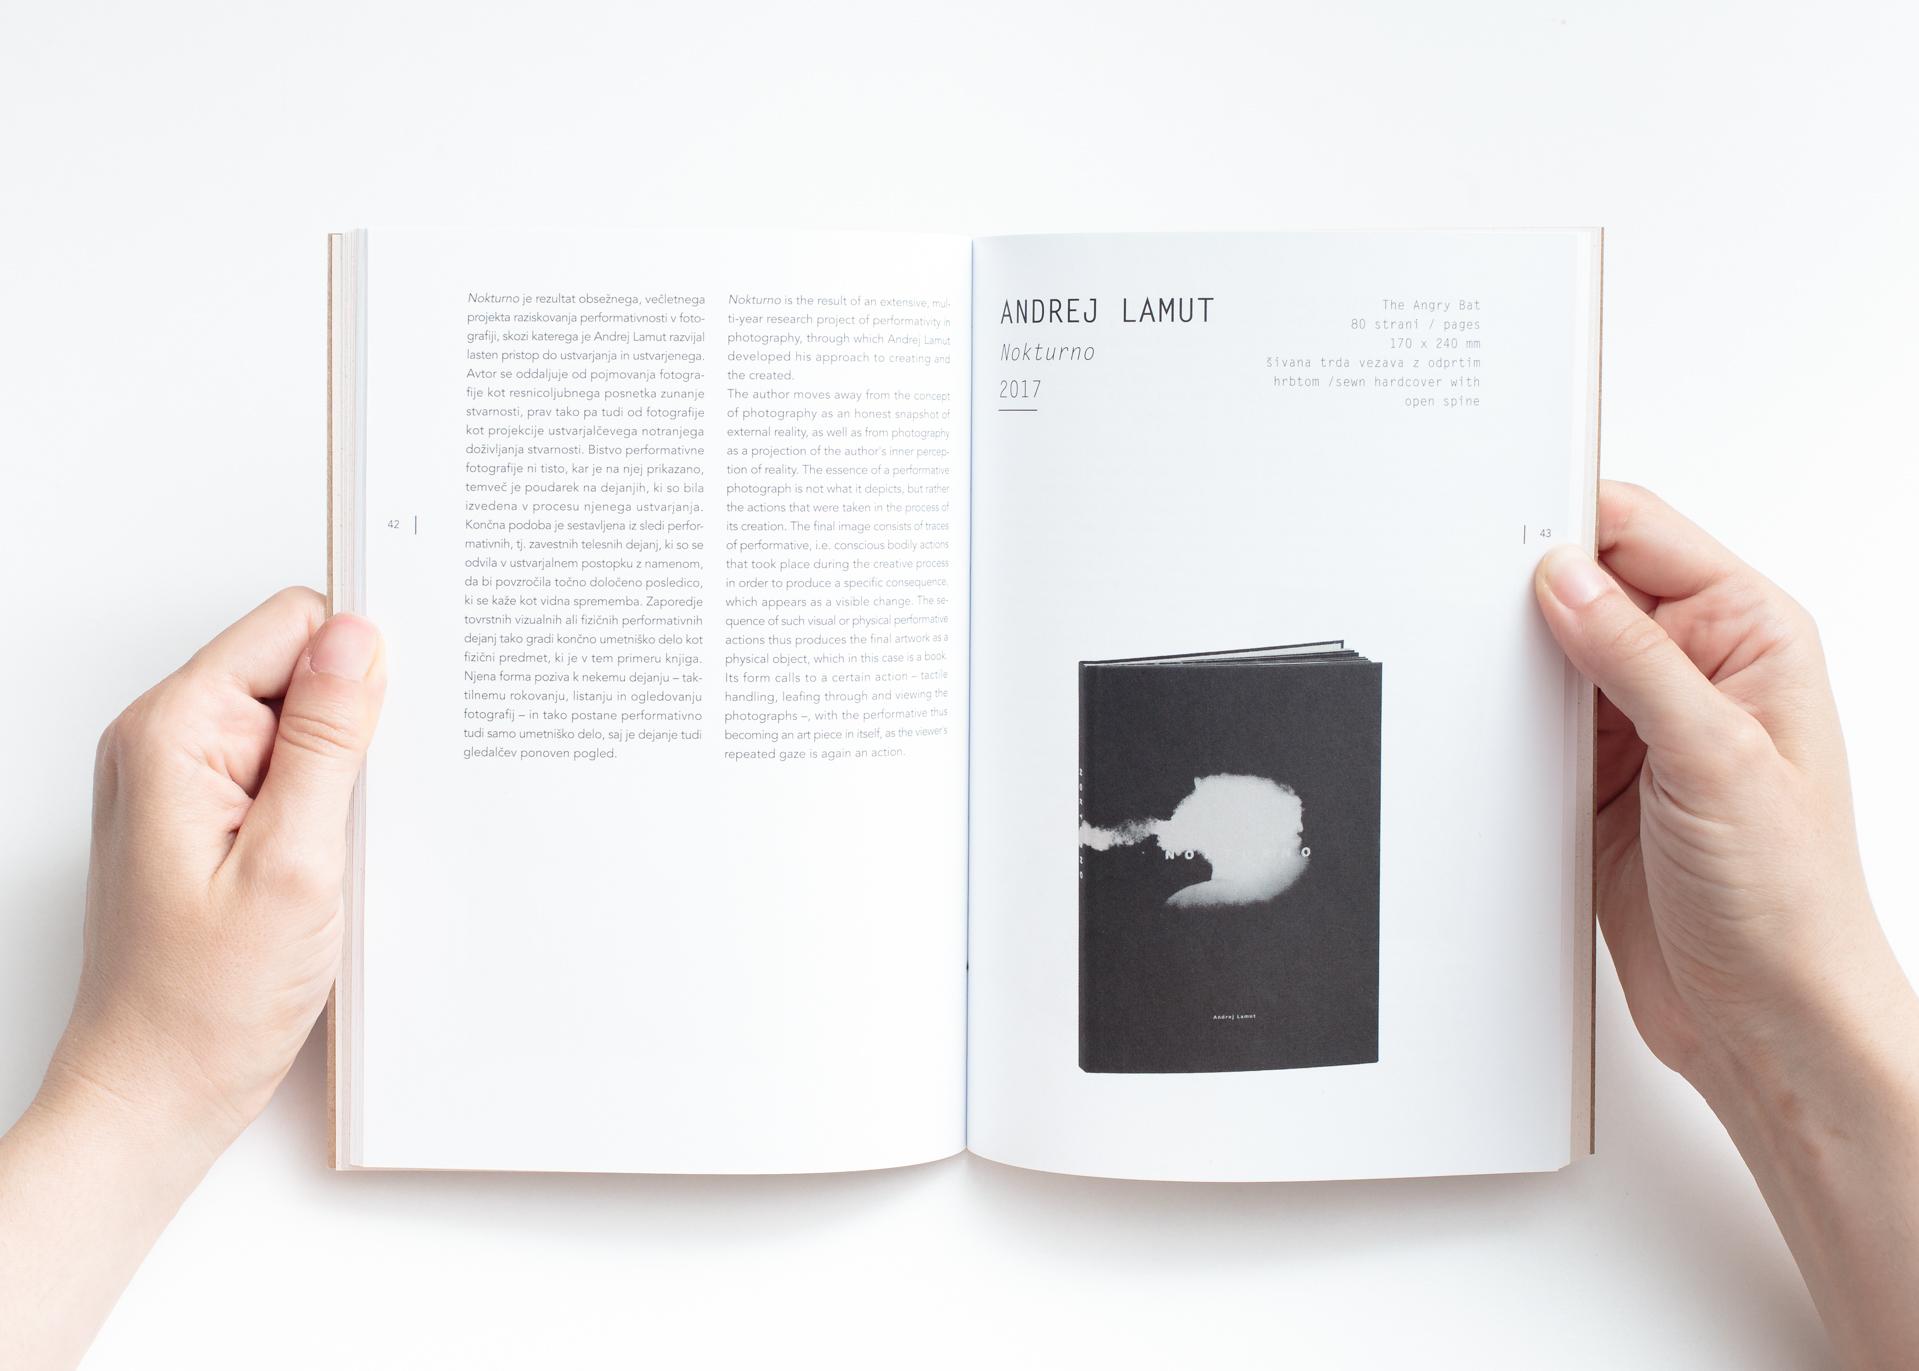 Dobra Vaga_Fotozin in Fotoknjiga_2018_Katalog_Lamut-5.jpg